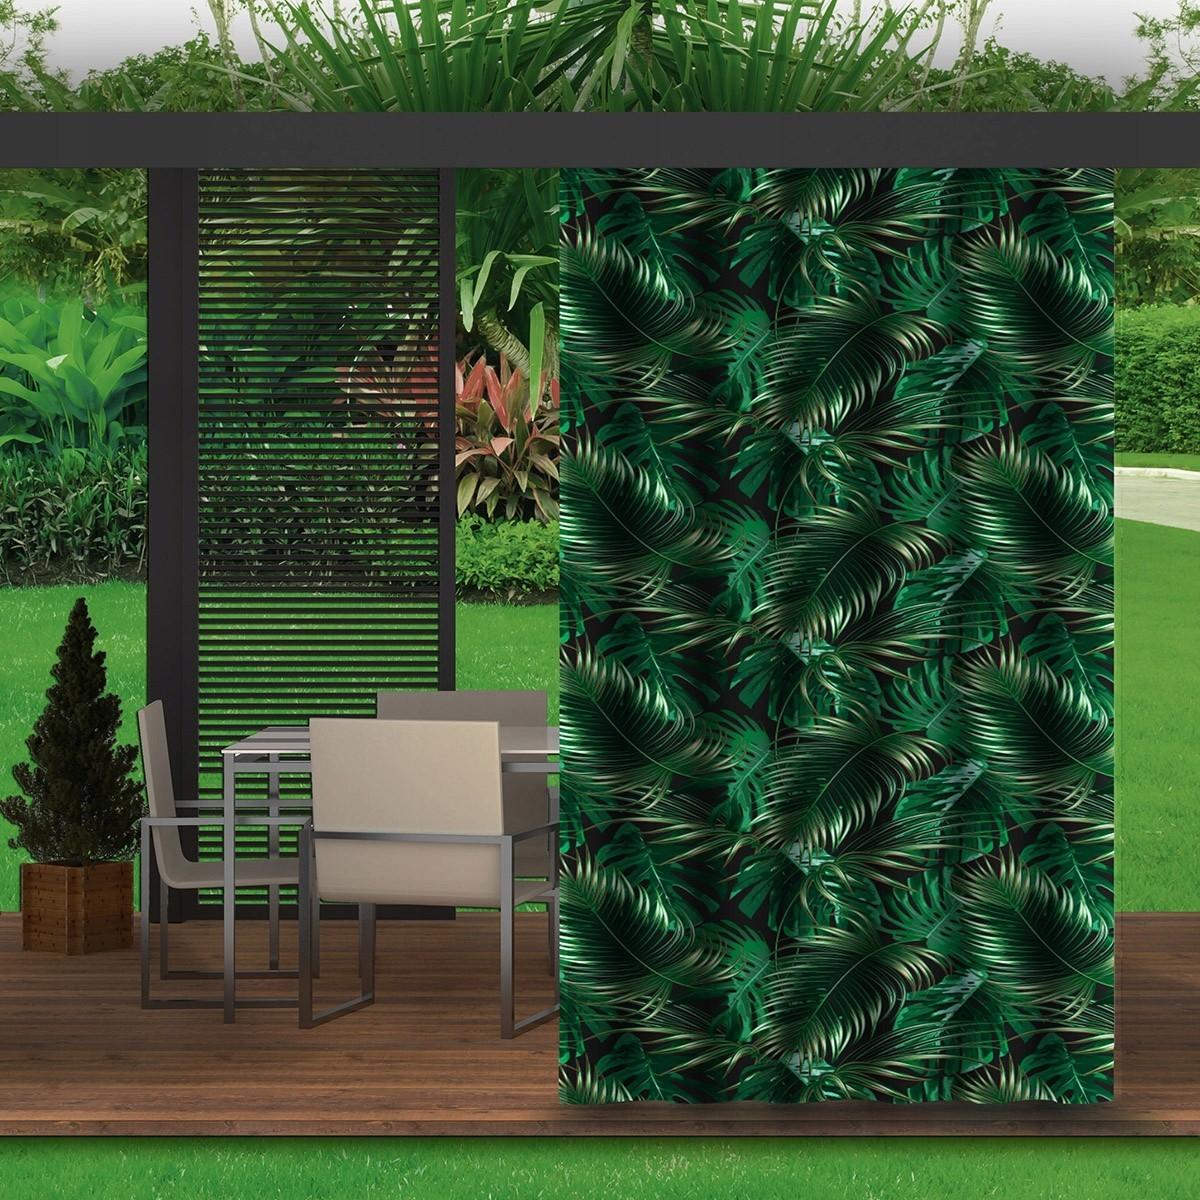 Zelený závěs do zahradního altánku s motivem listů